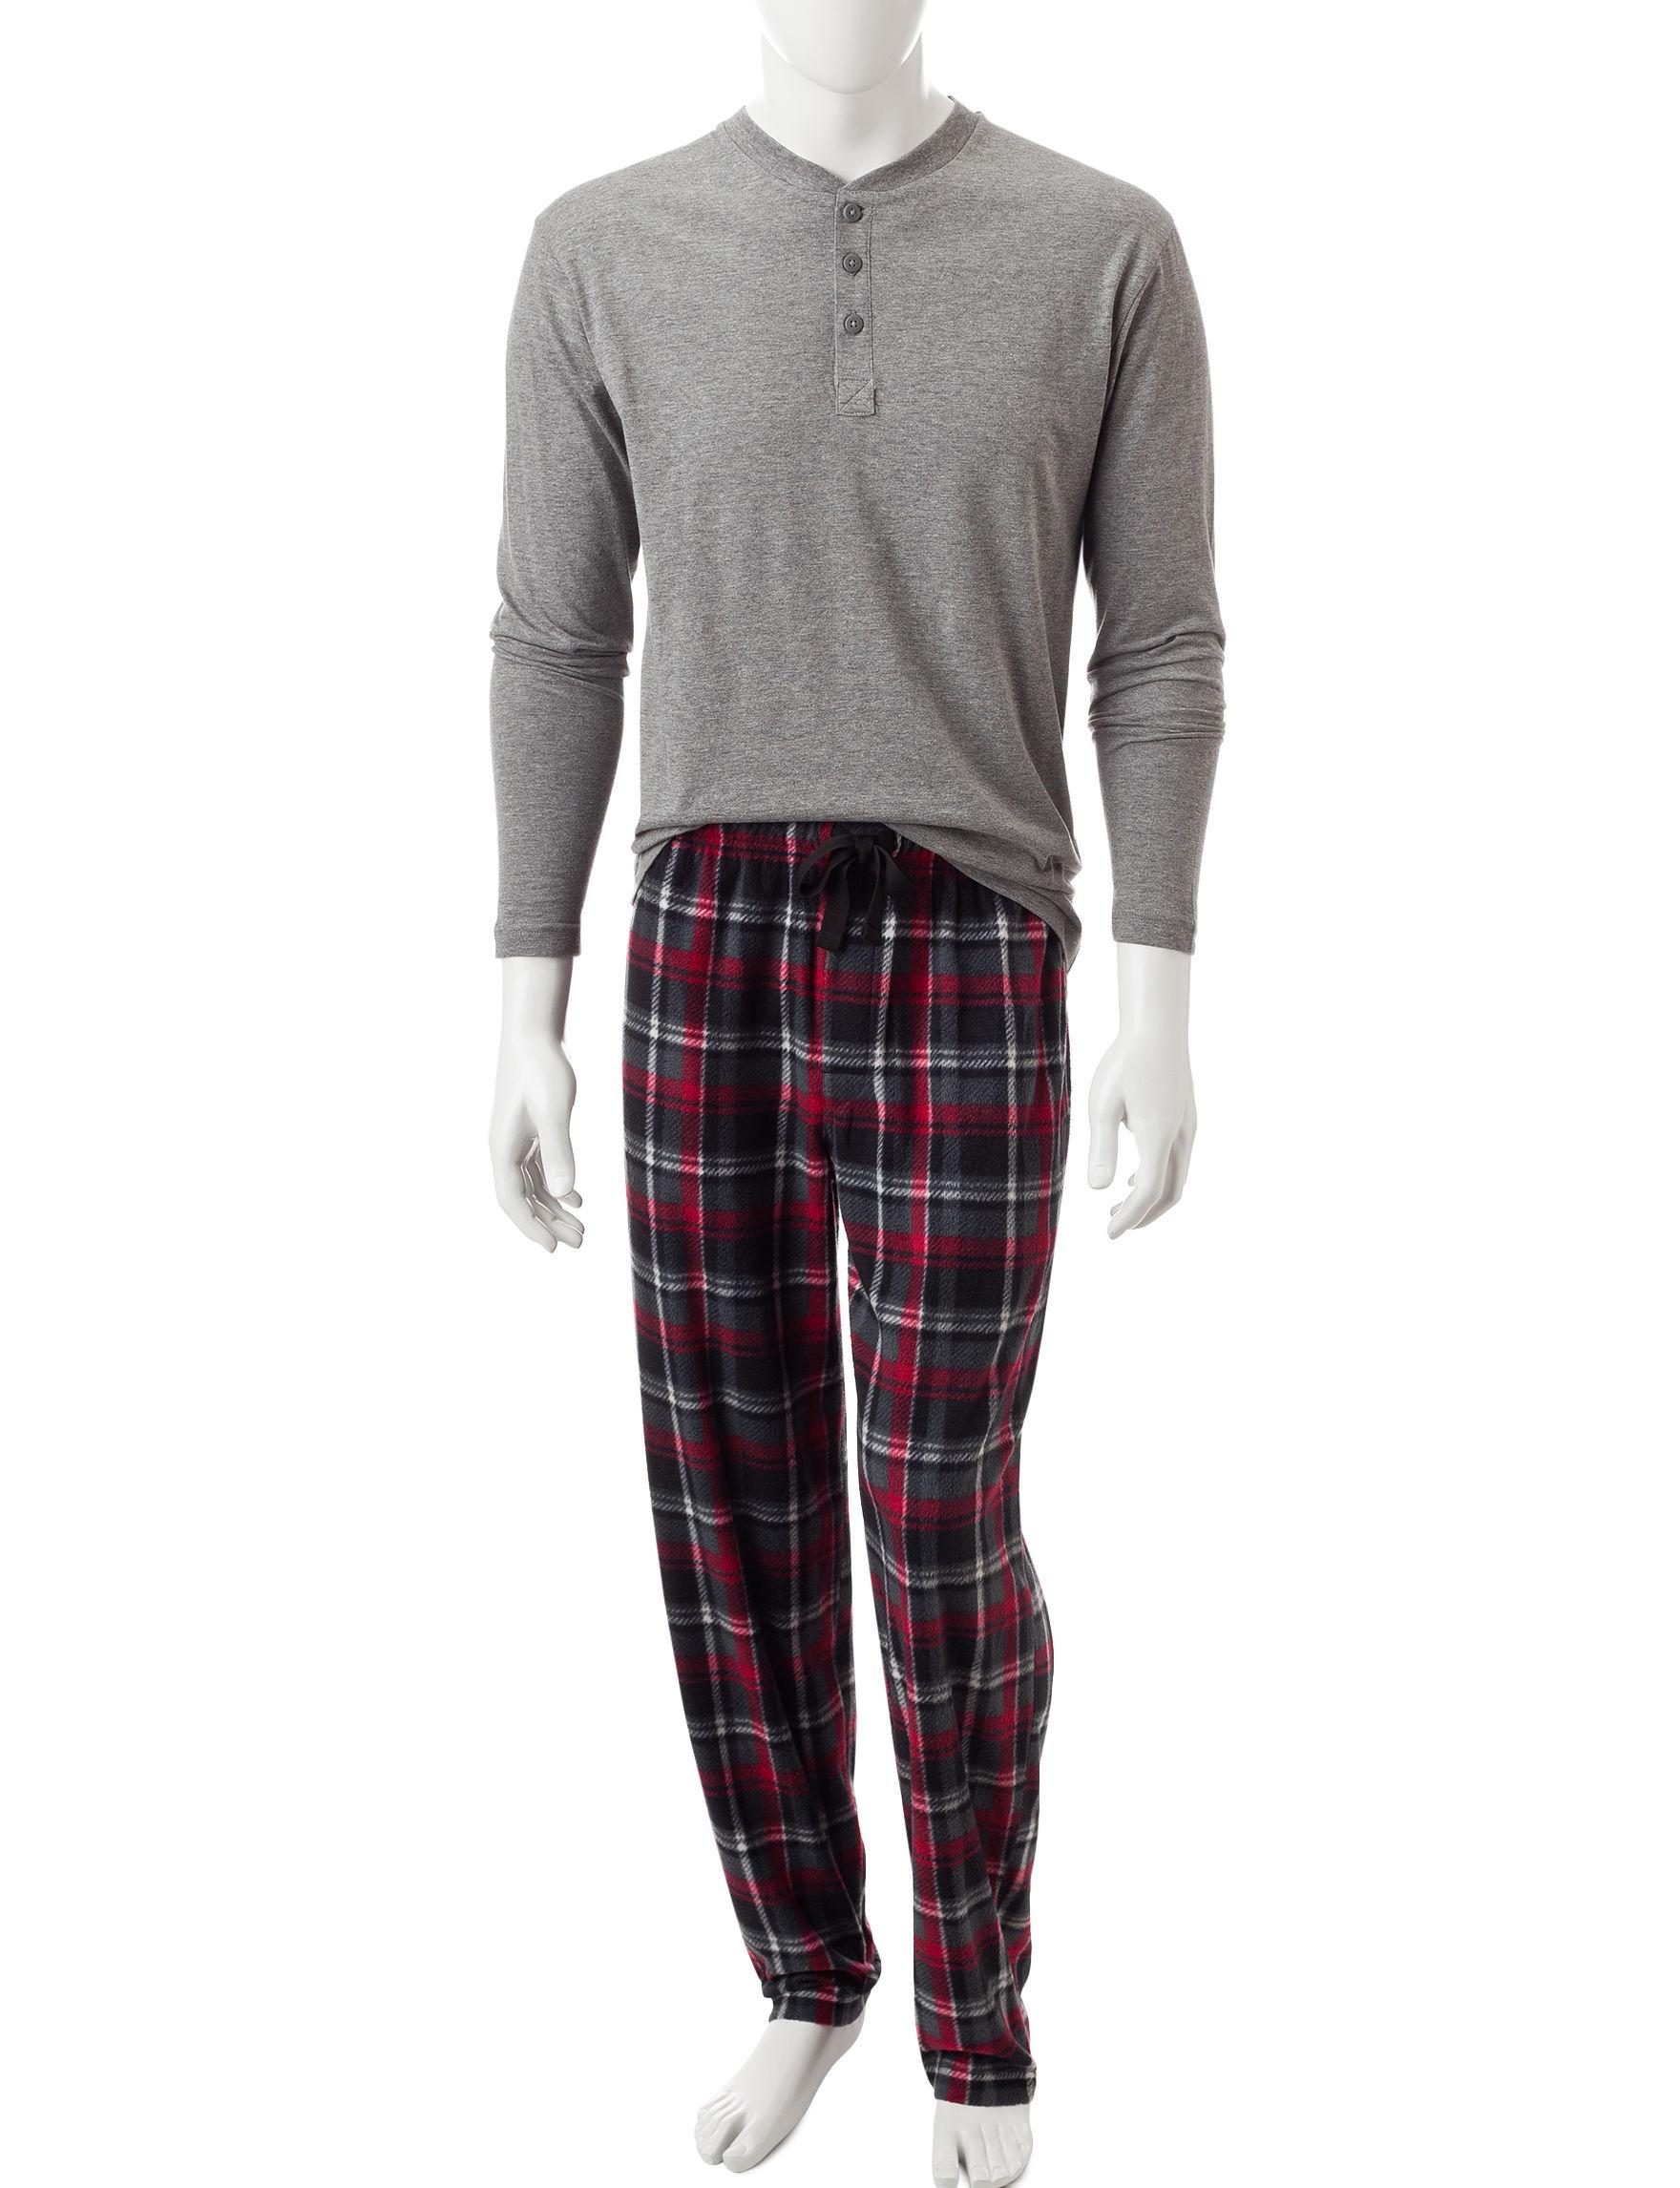 Izod Grey Heather Pajama Sets